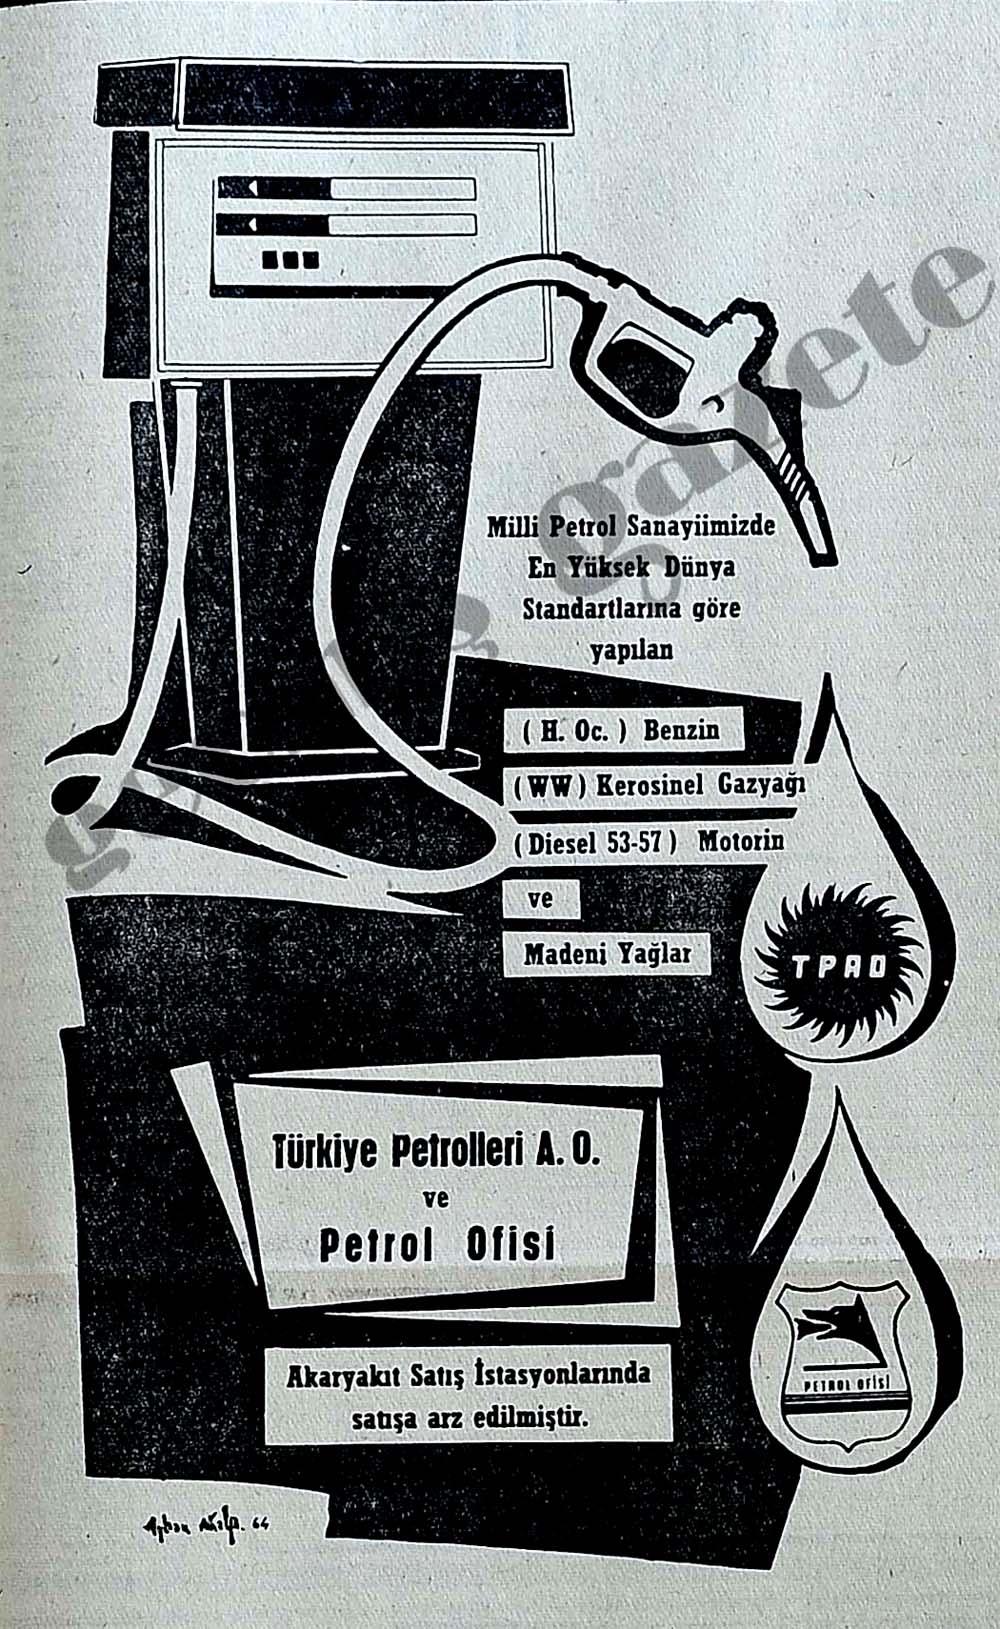 Petrol Ofisi Akaryakıt Satış İstasyonlarında satışa arz edilmiştir